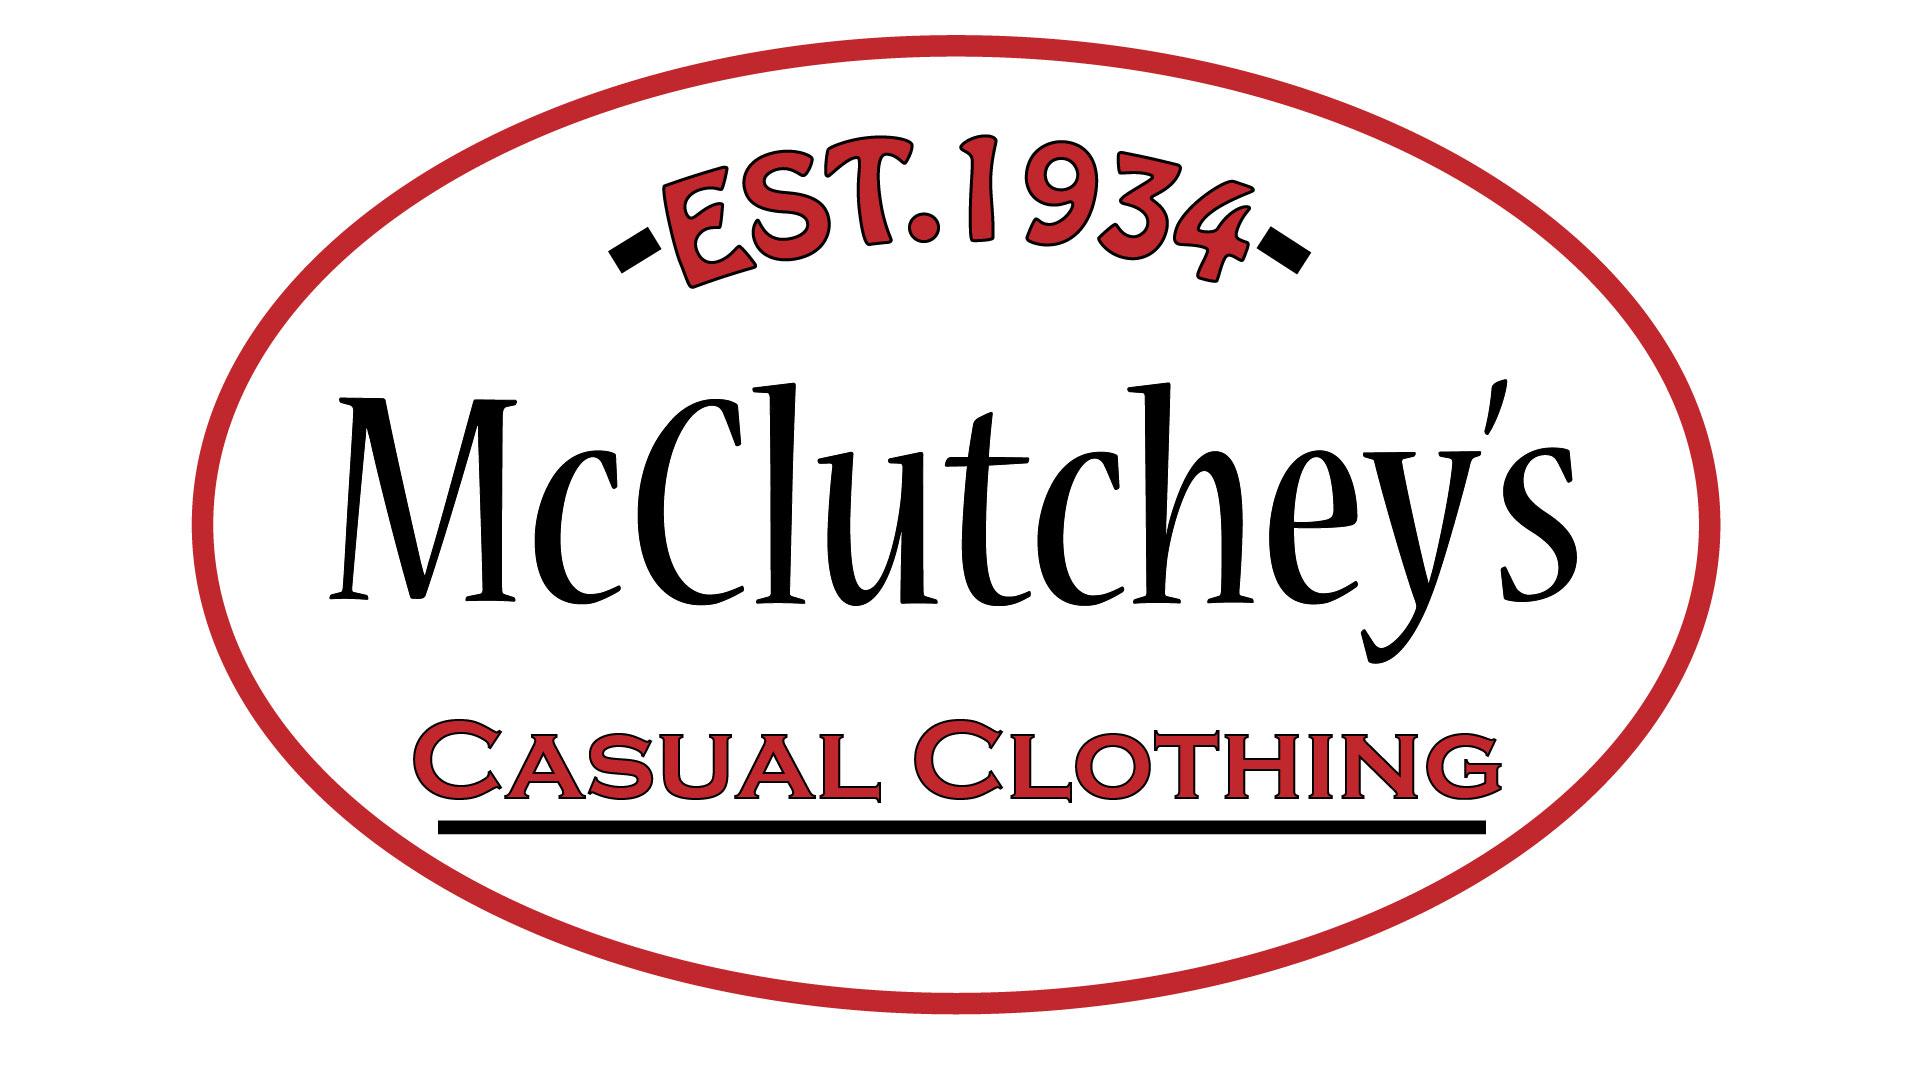 McClutchey's Store